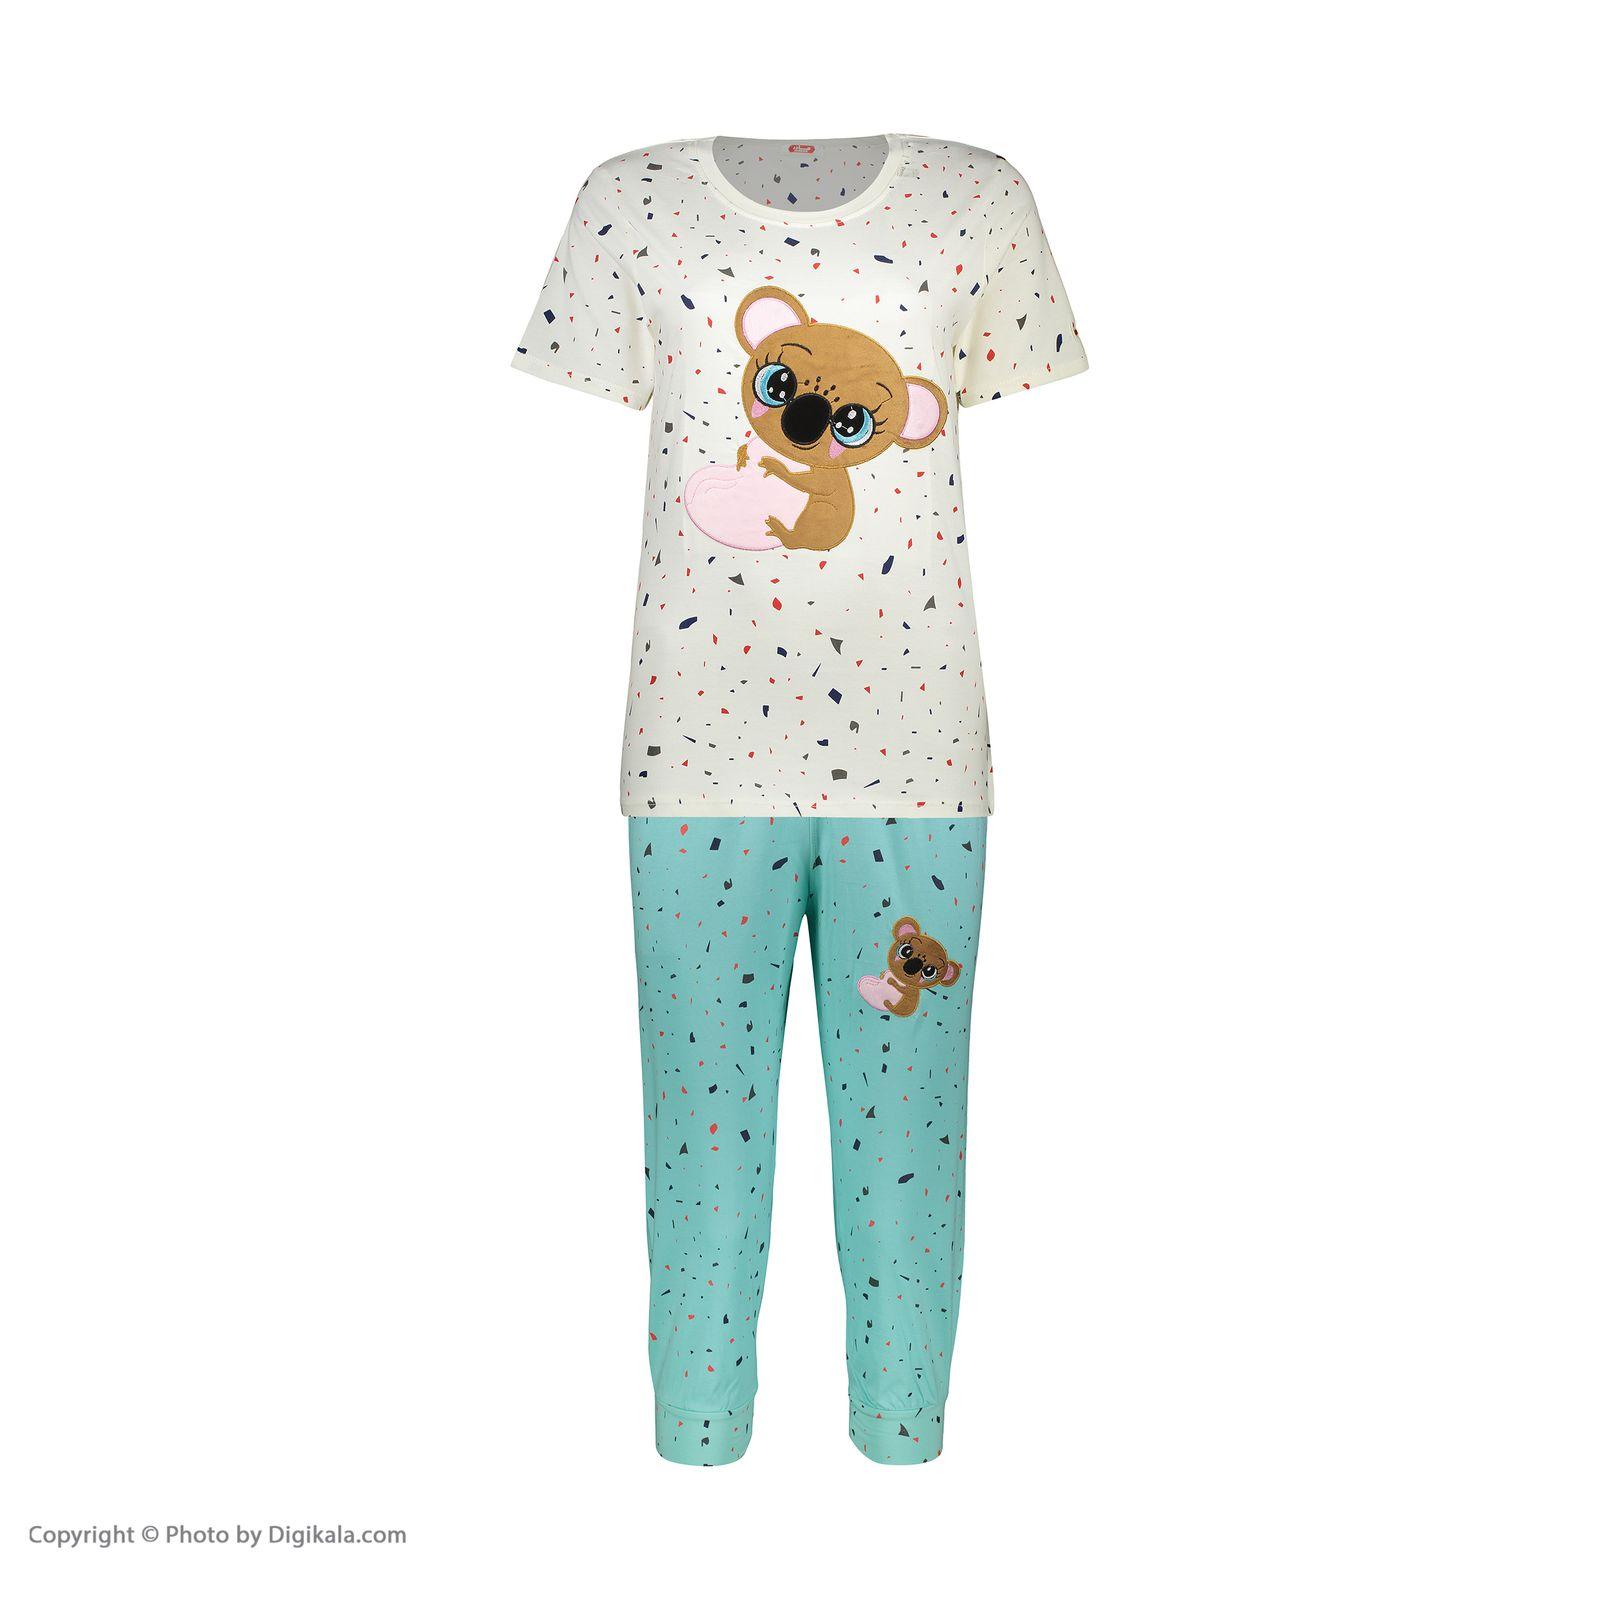 ست تی شرت و شلوارک راحتی زنانه مادر مدل 2041103-54 -  - 3